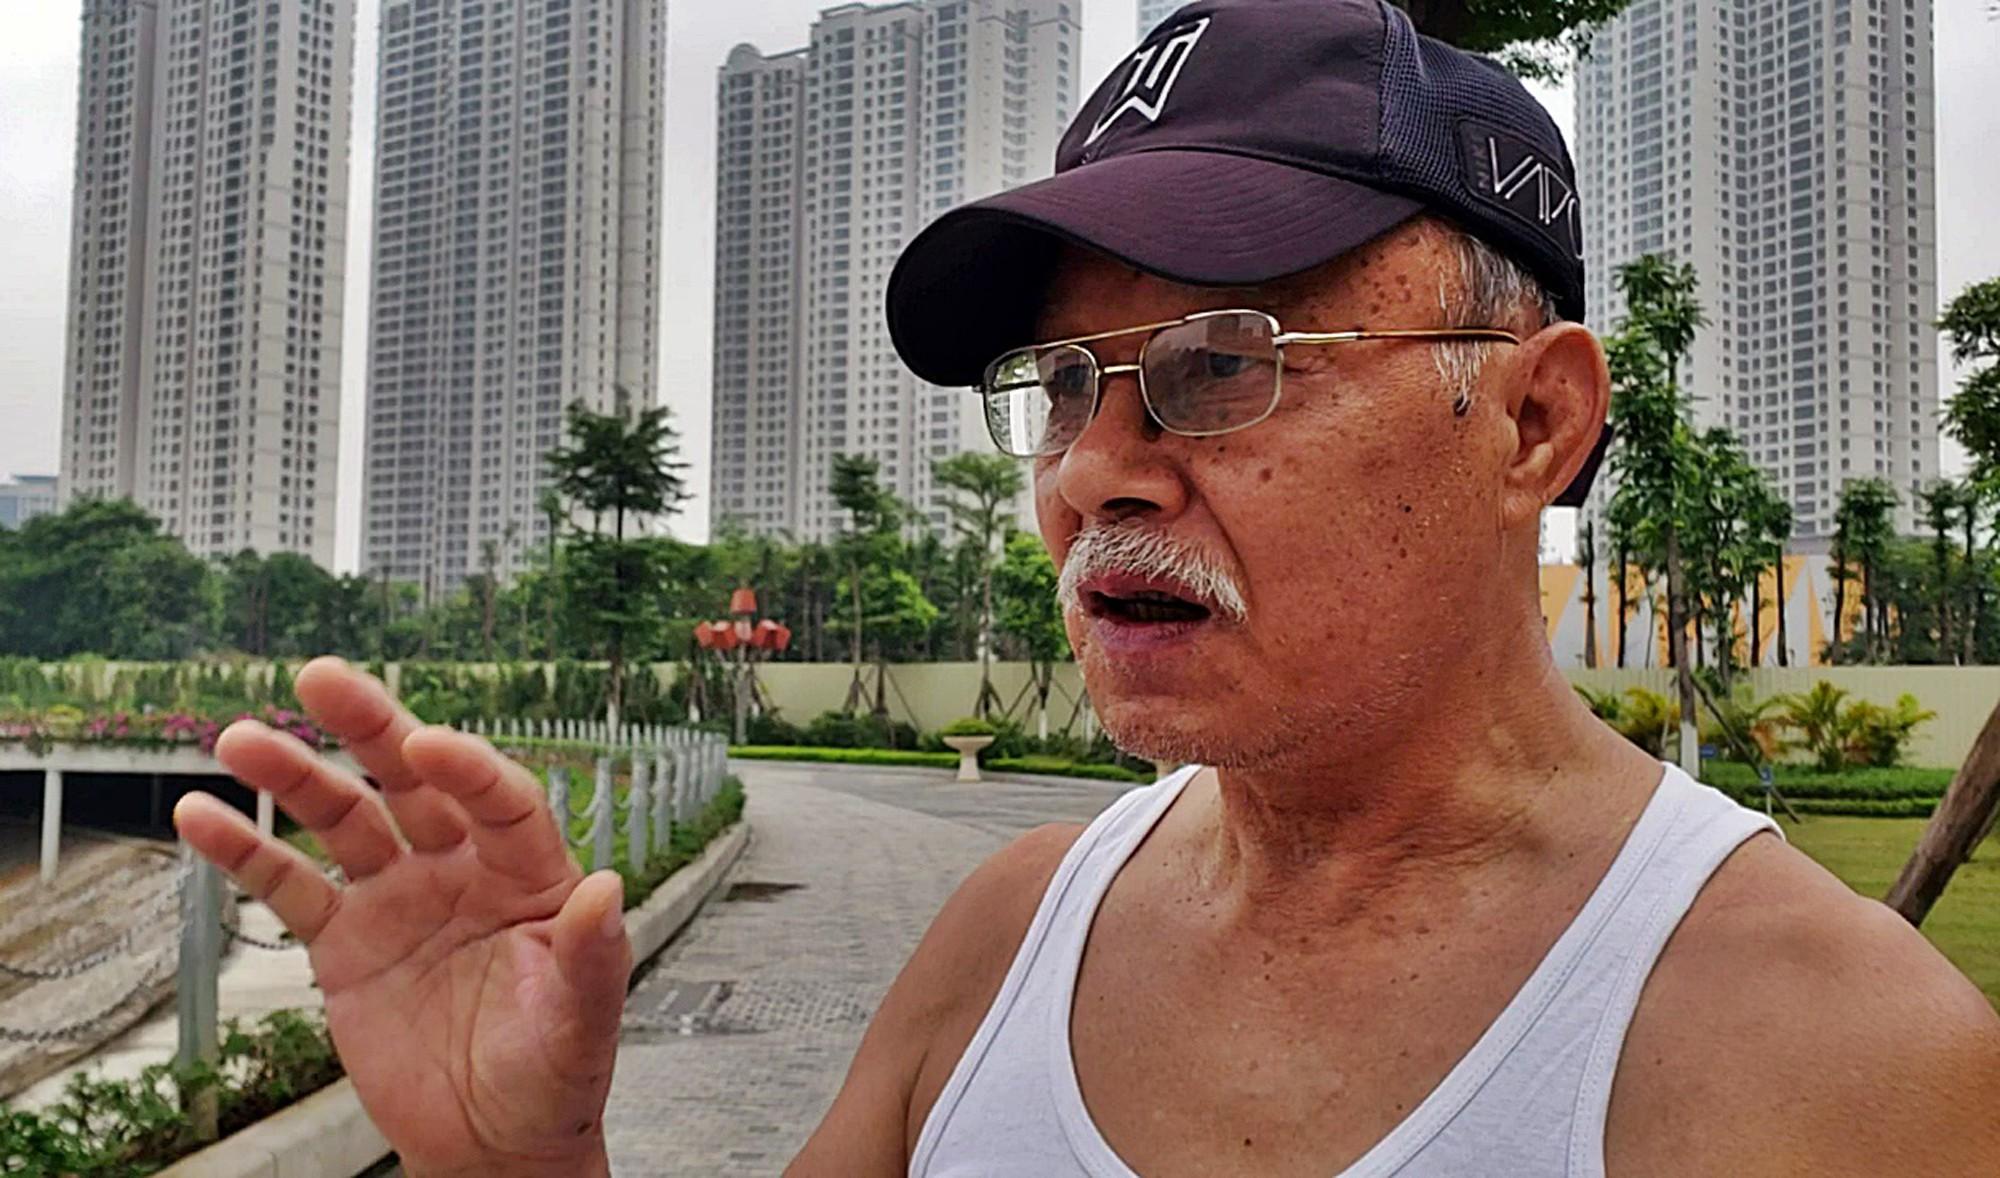 Công viên 300 tỉ đồng trên đất vàng ở Hà Nội mới khánh thành đã bị dân chê hôi thối - Ảnh 15.